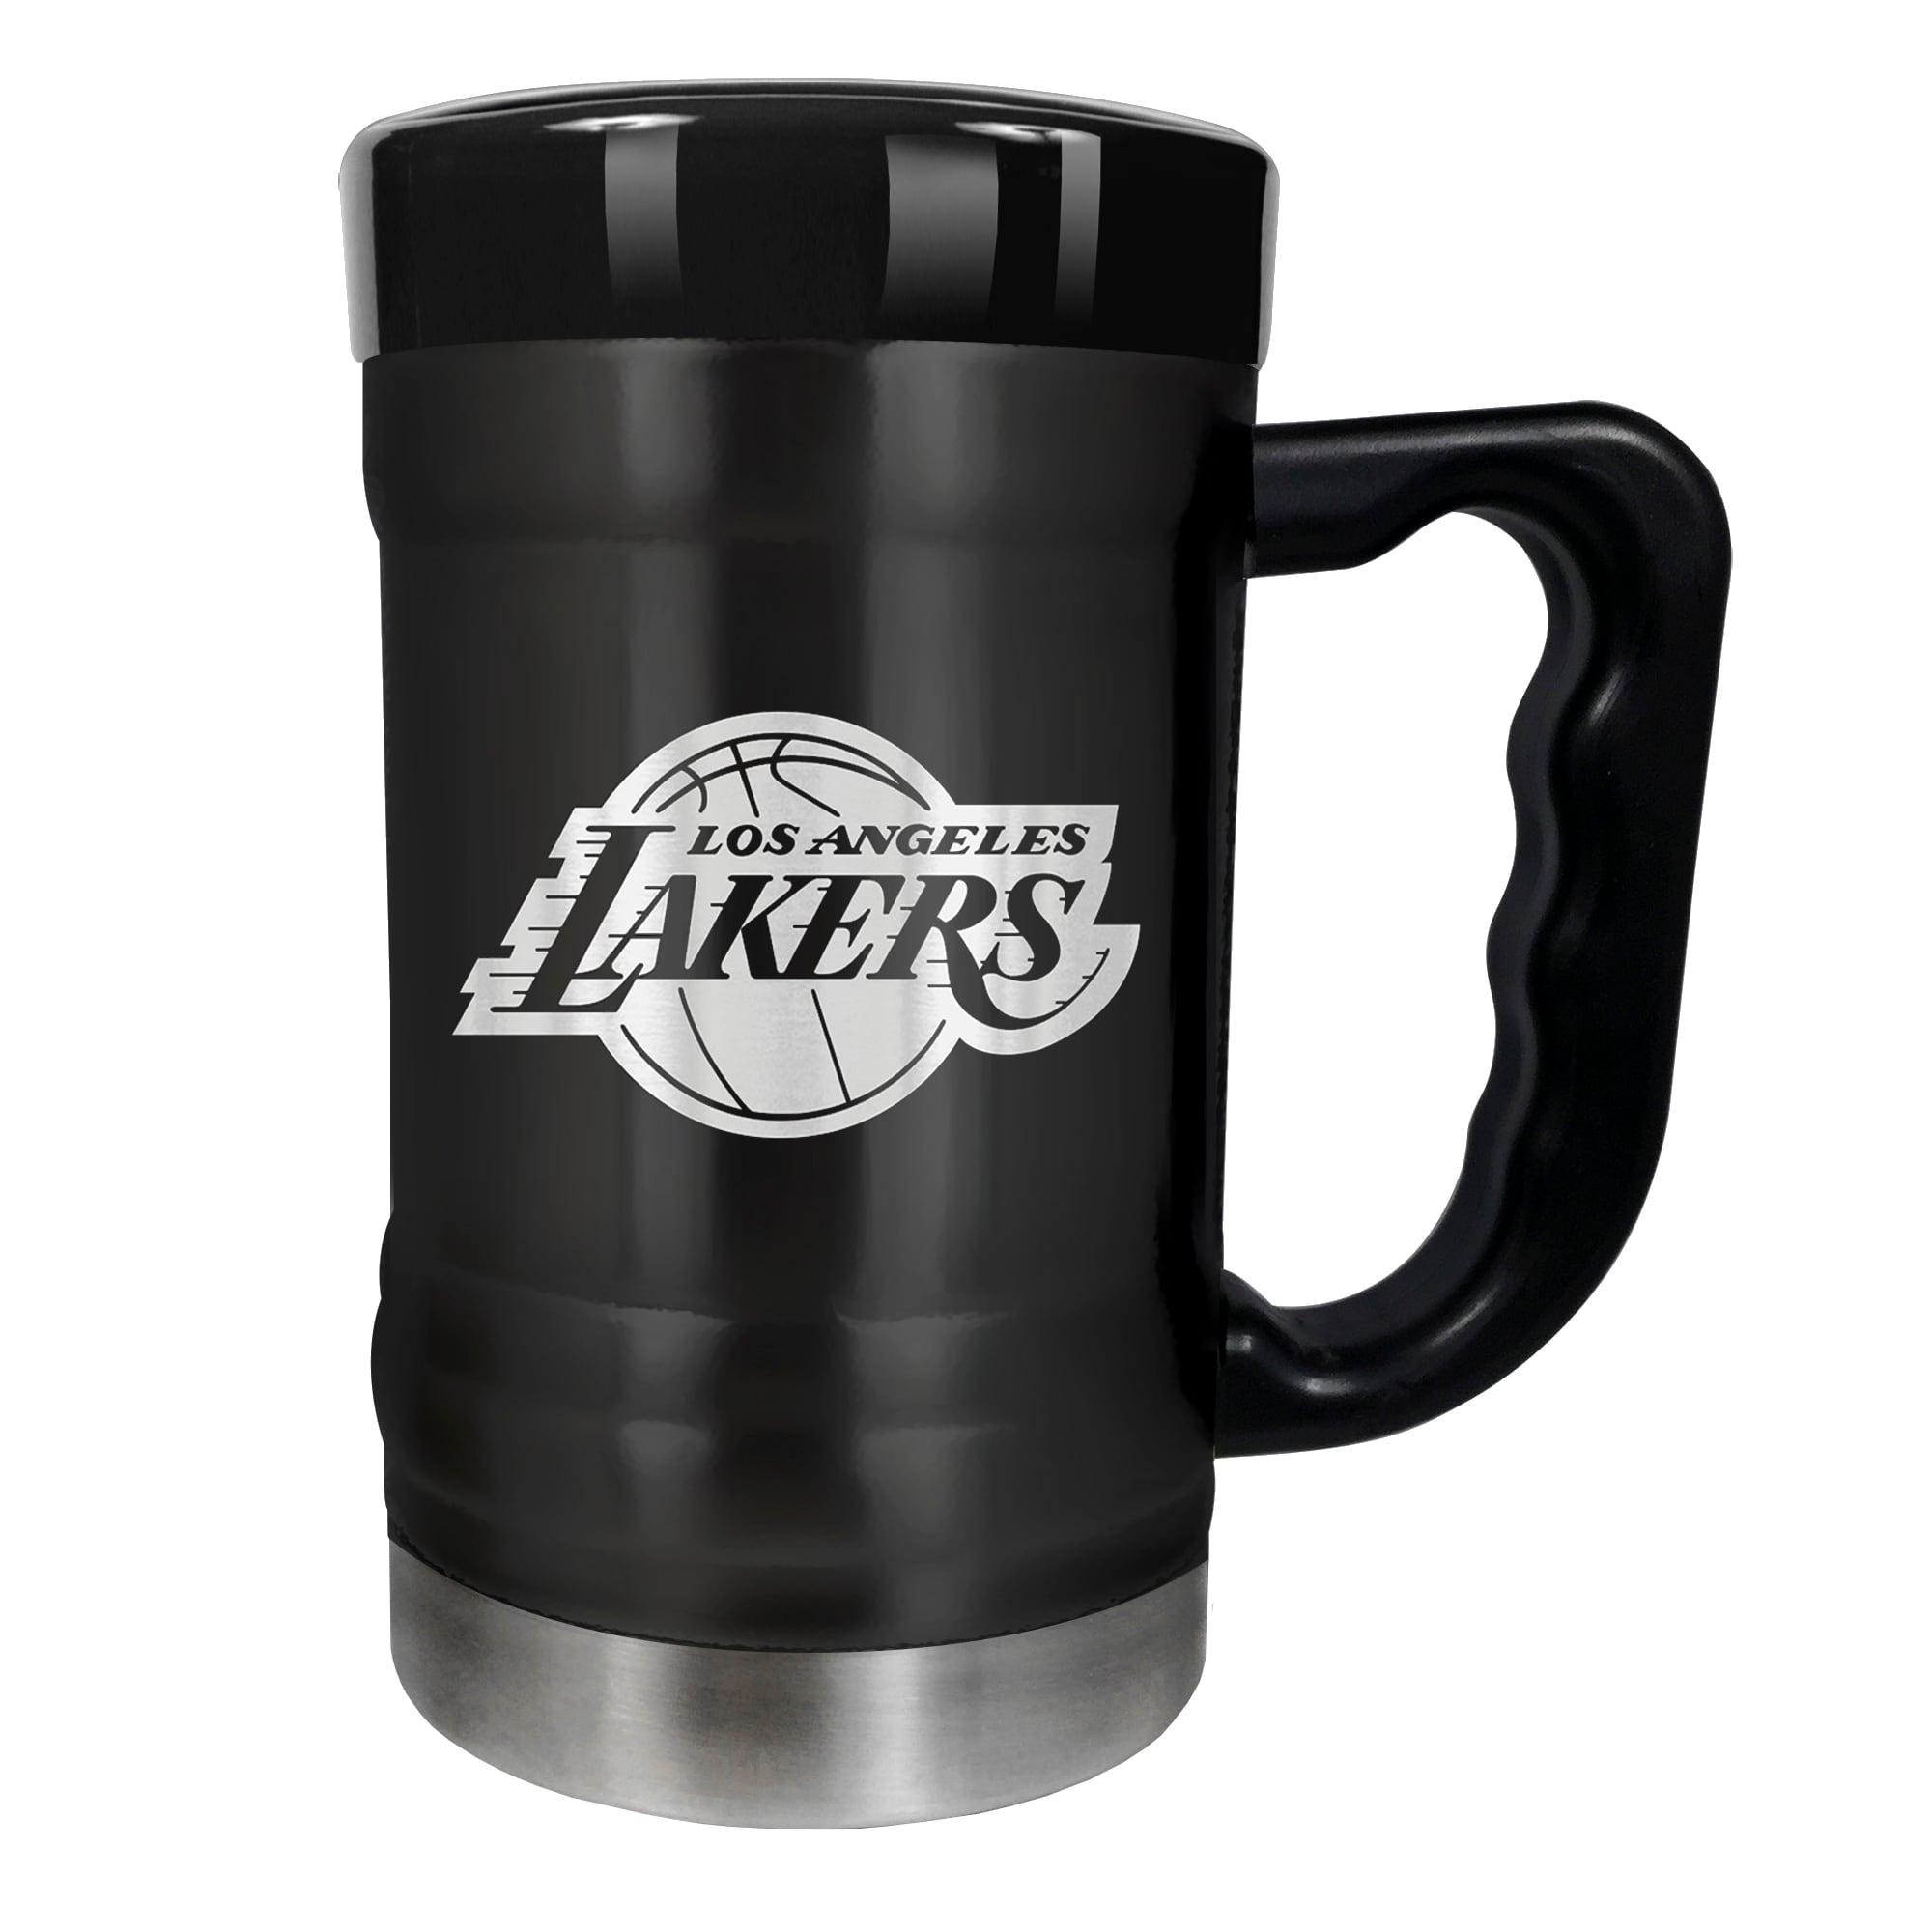 Los Angeles Lakers 15oz. Stealth Coach Coffee Mug - Black